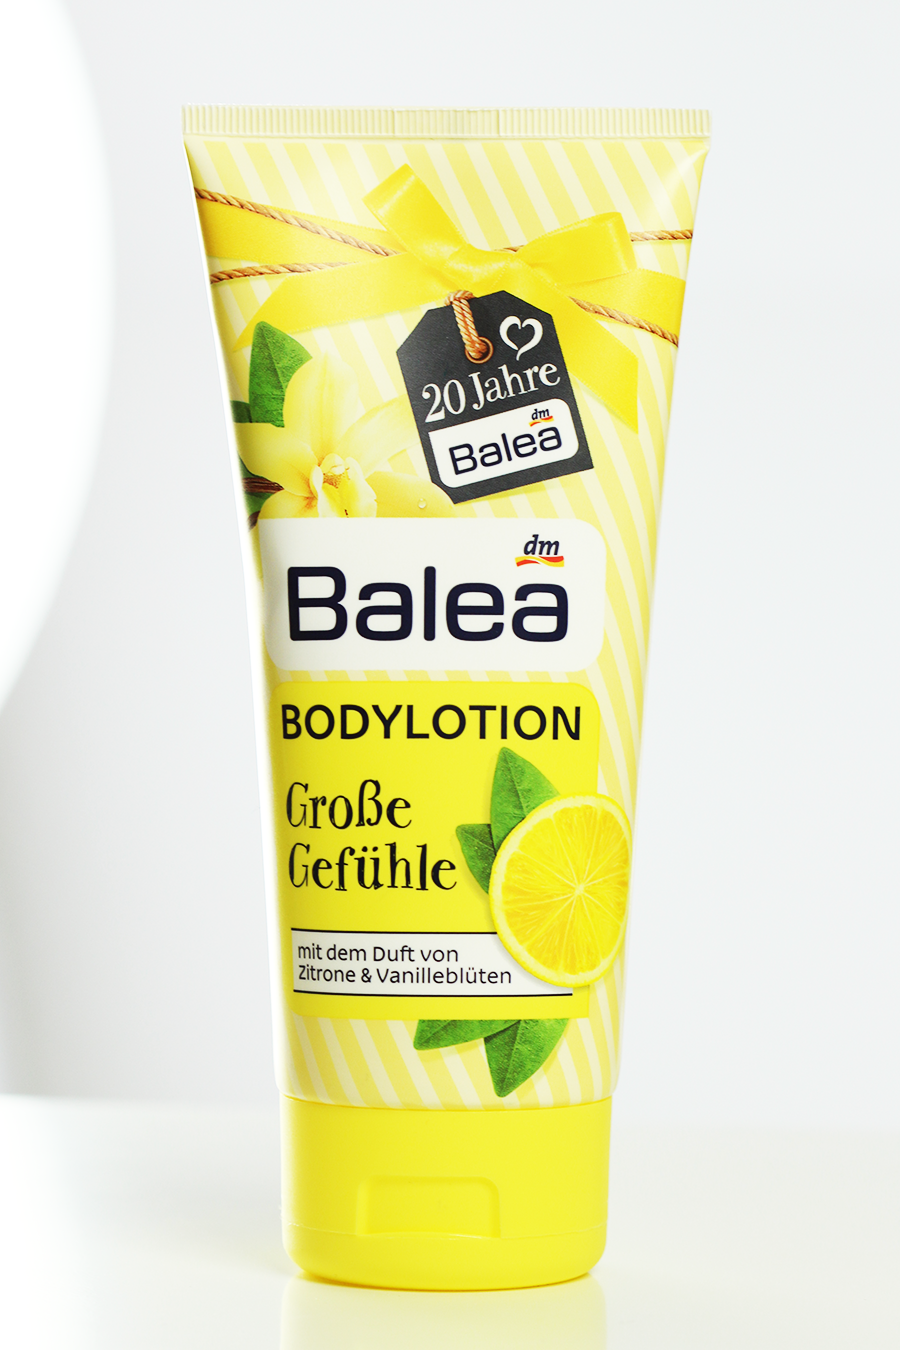 Balea-Body-Lotion-Review